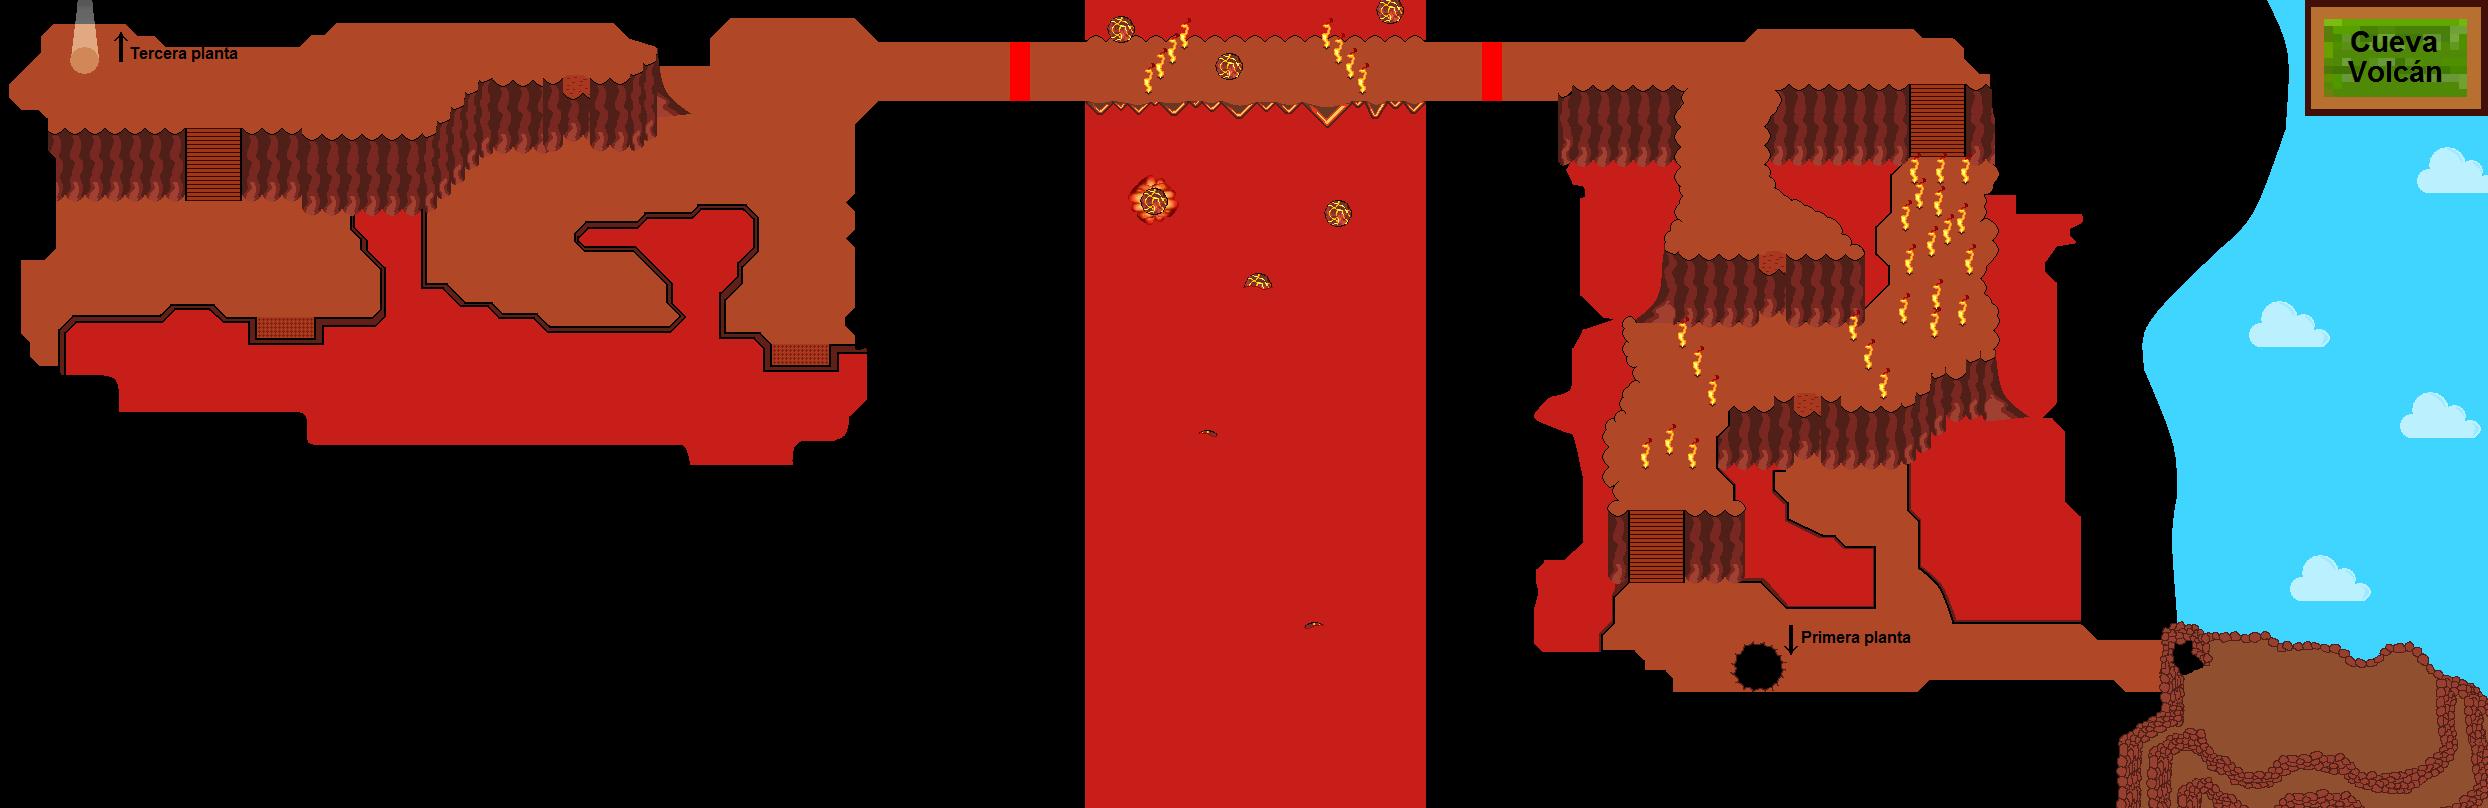 Plano de la segunda planta de la Cueva Volcán.